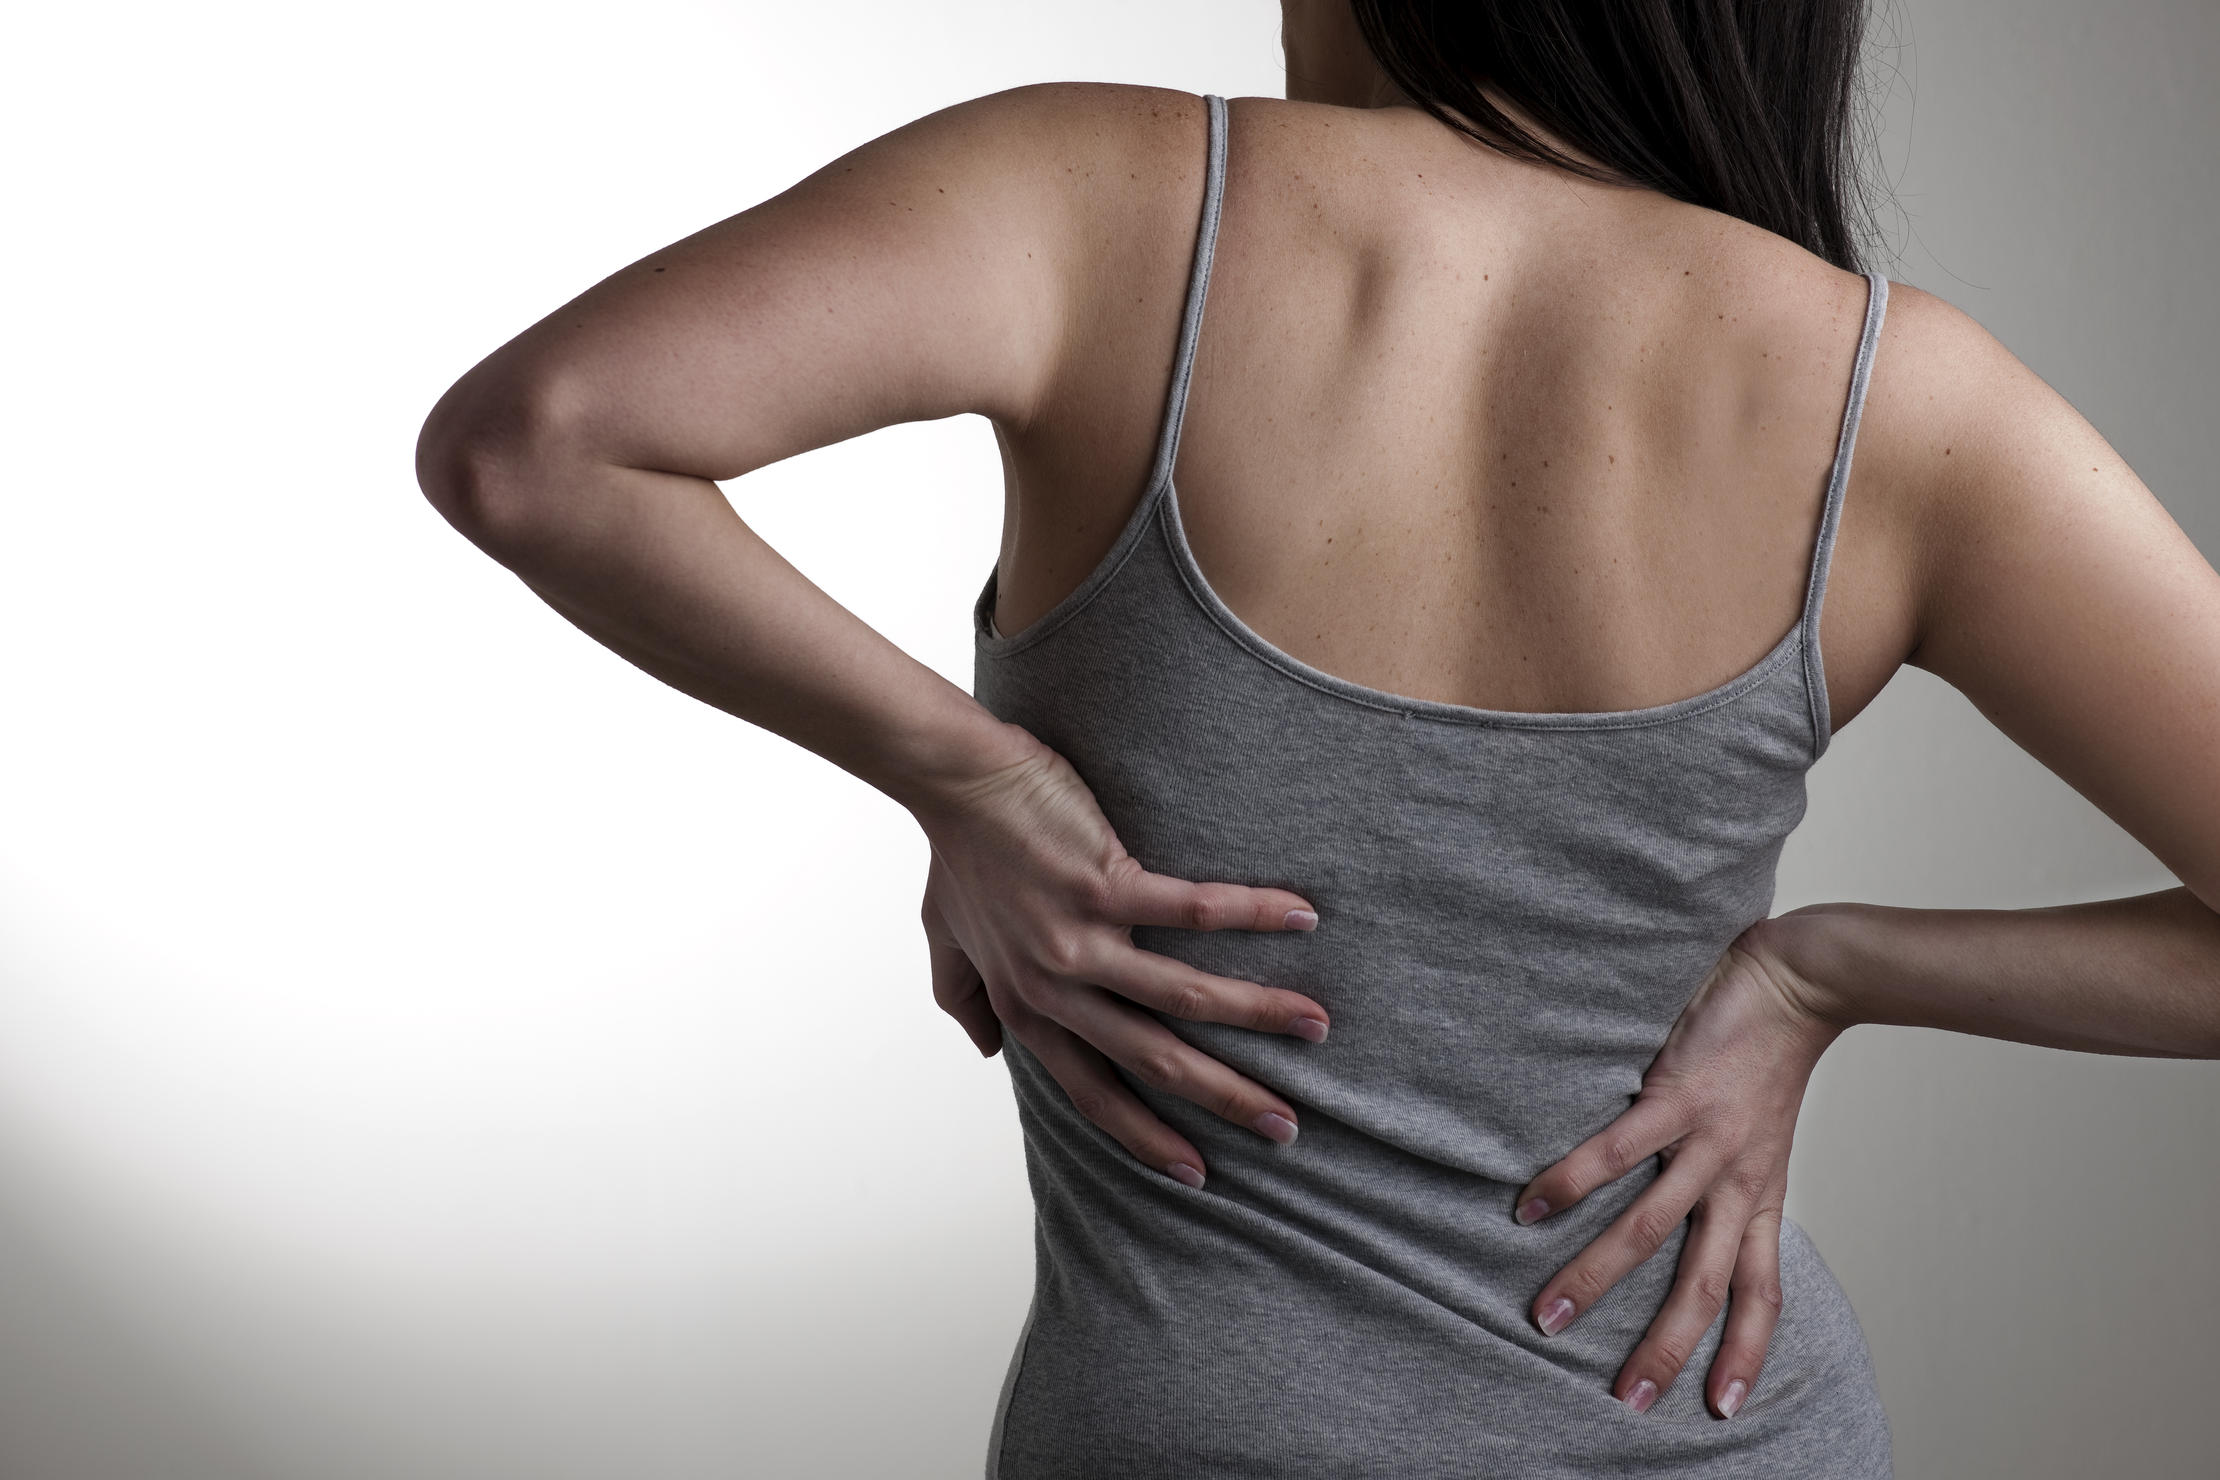 Αντιμετωπίστε το χρόνιο πόνο! 3 Εγκεκριμένοι τρόποι.